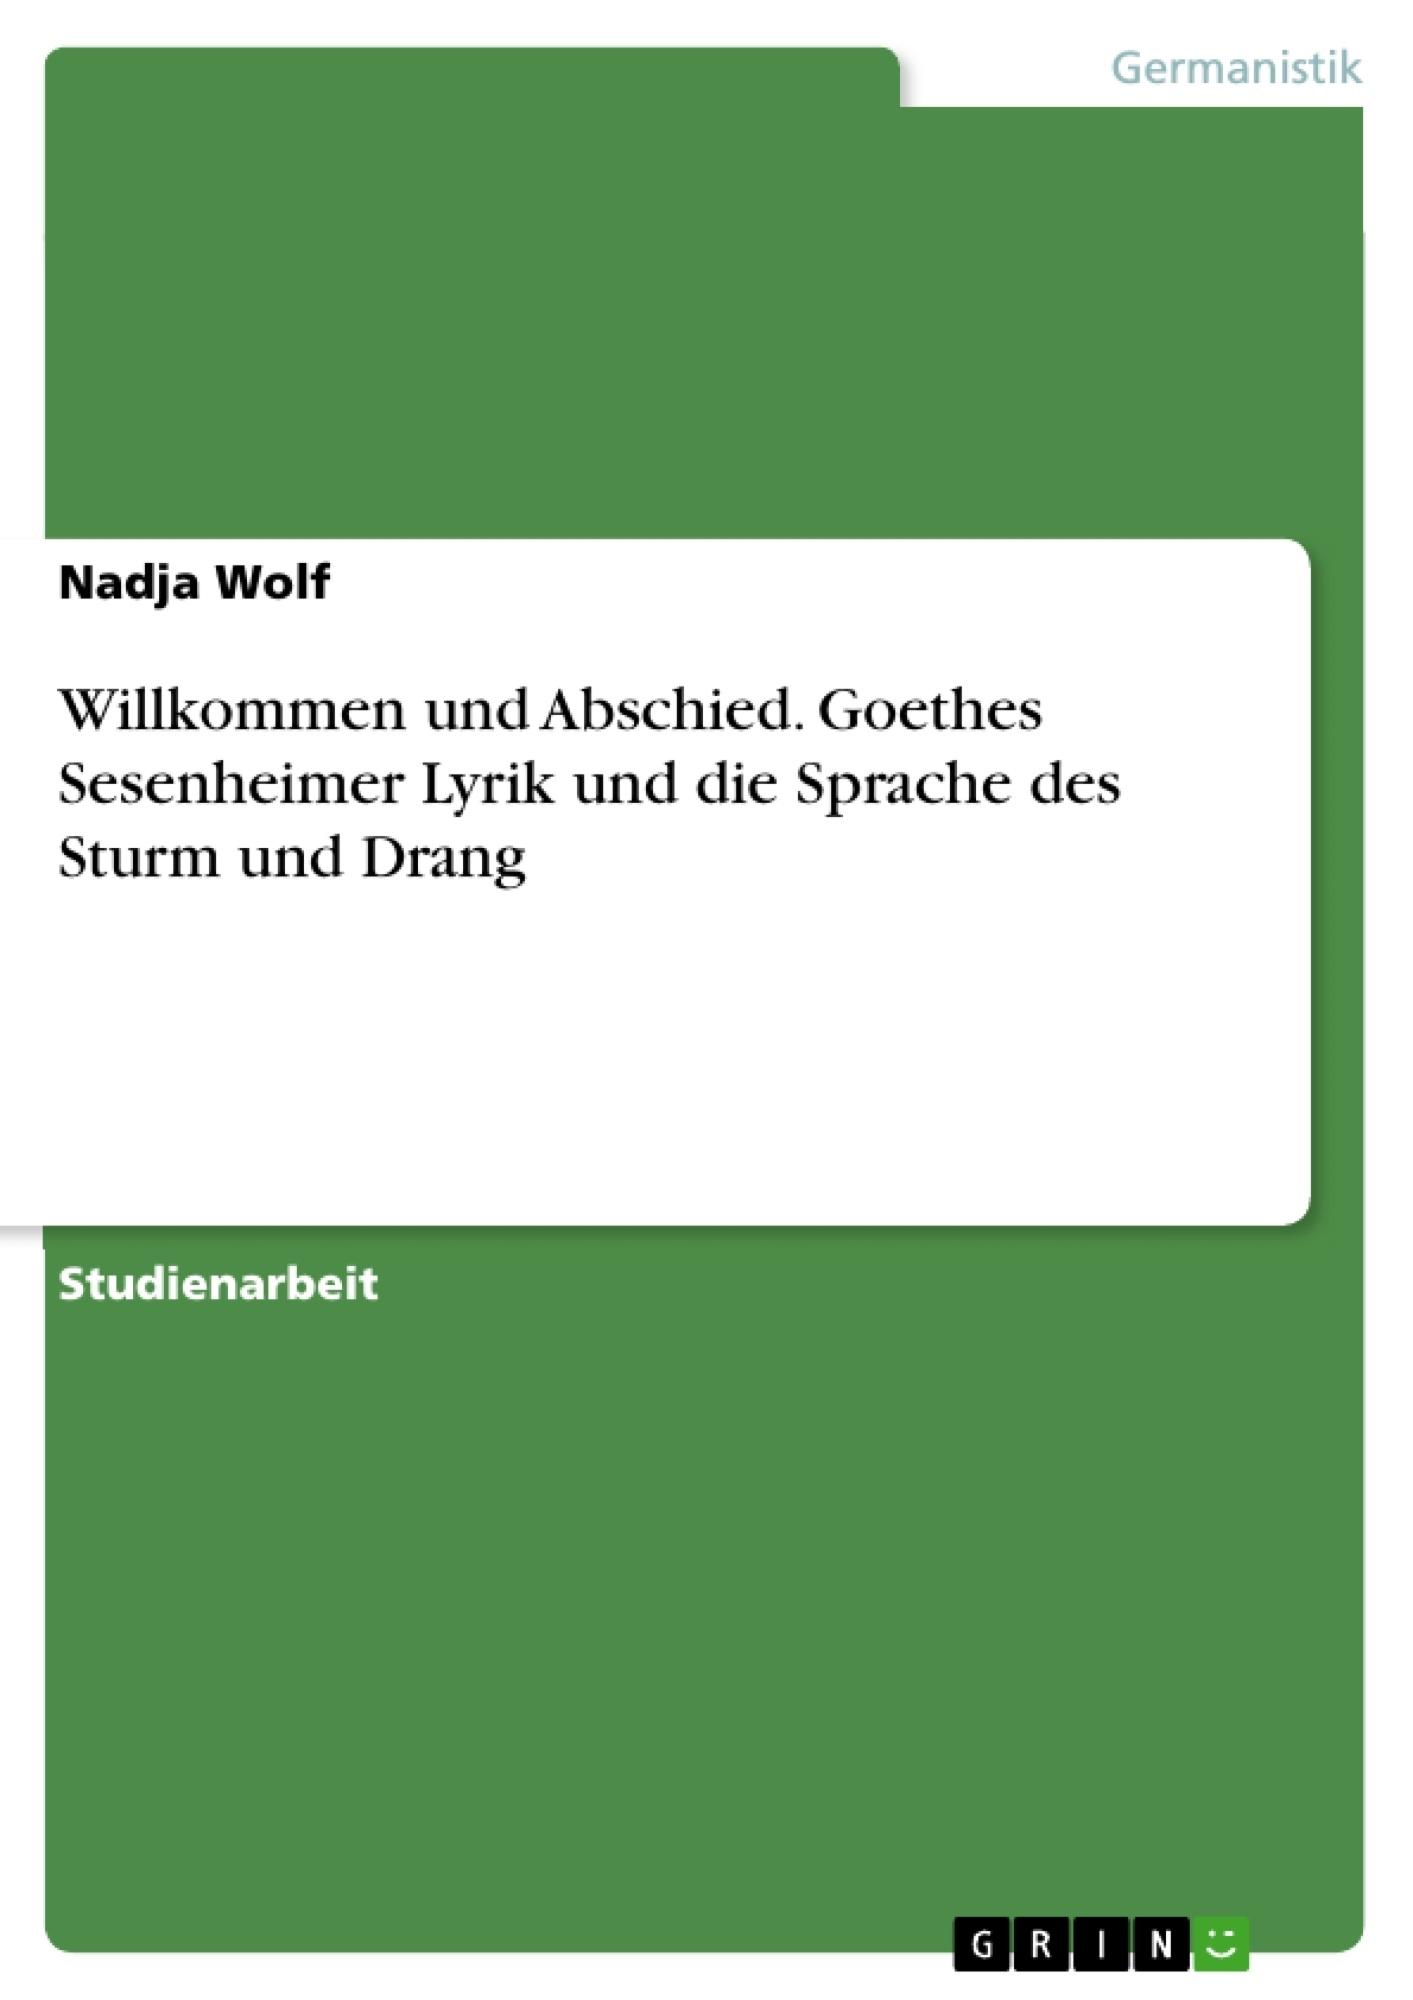 Titel: Willkommen und Abschied. Goethes Sesenheimer Lyrik und die Sprache des Sturm und Drang